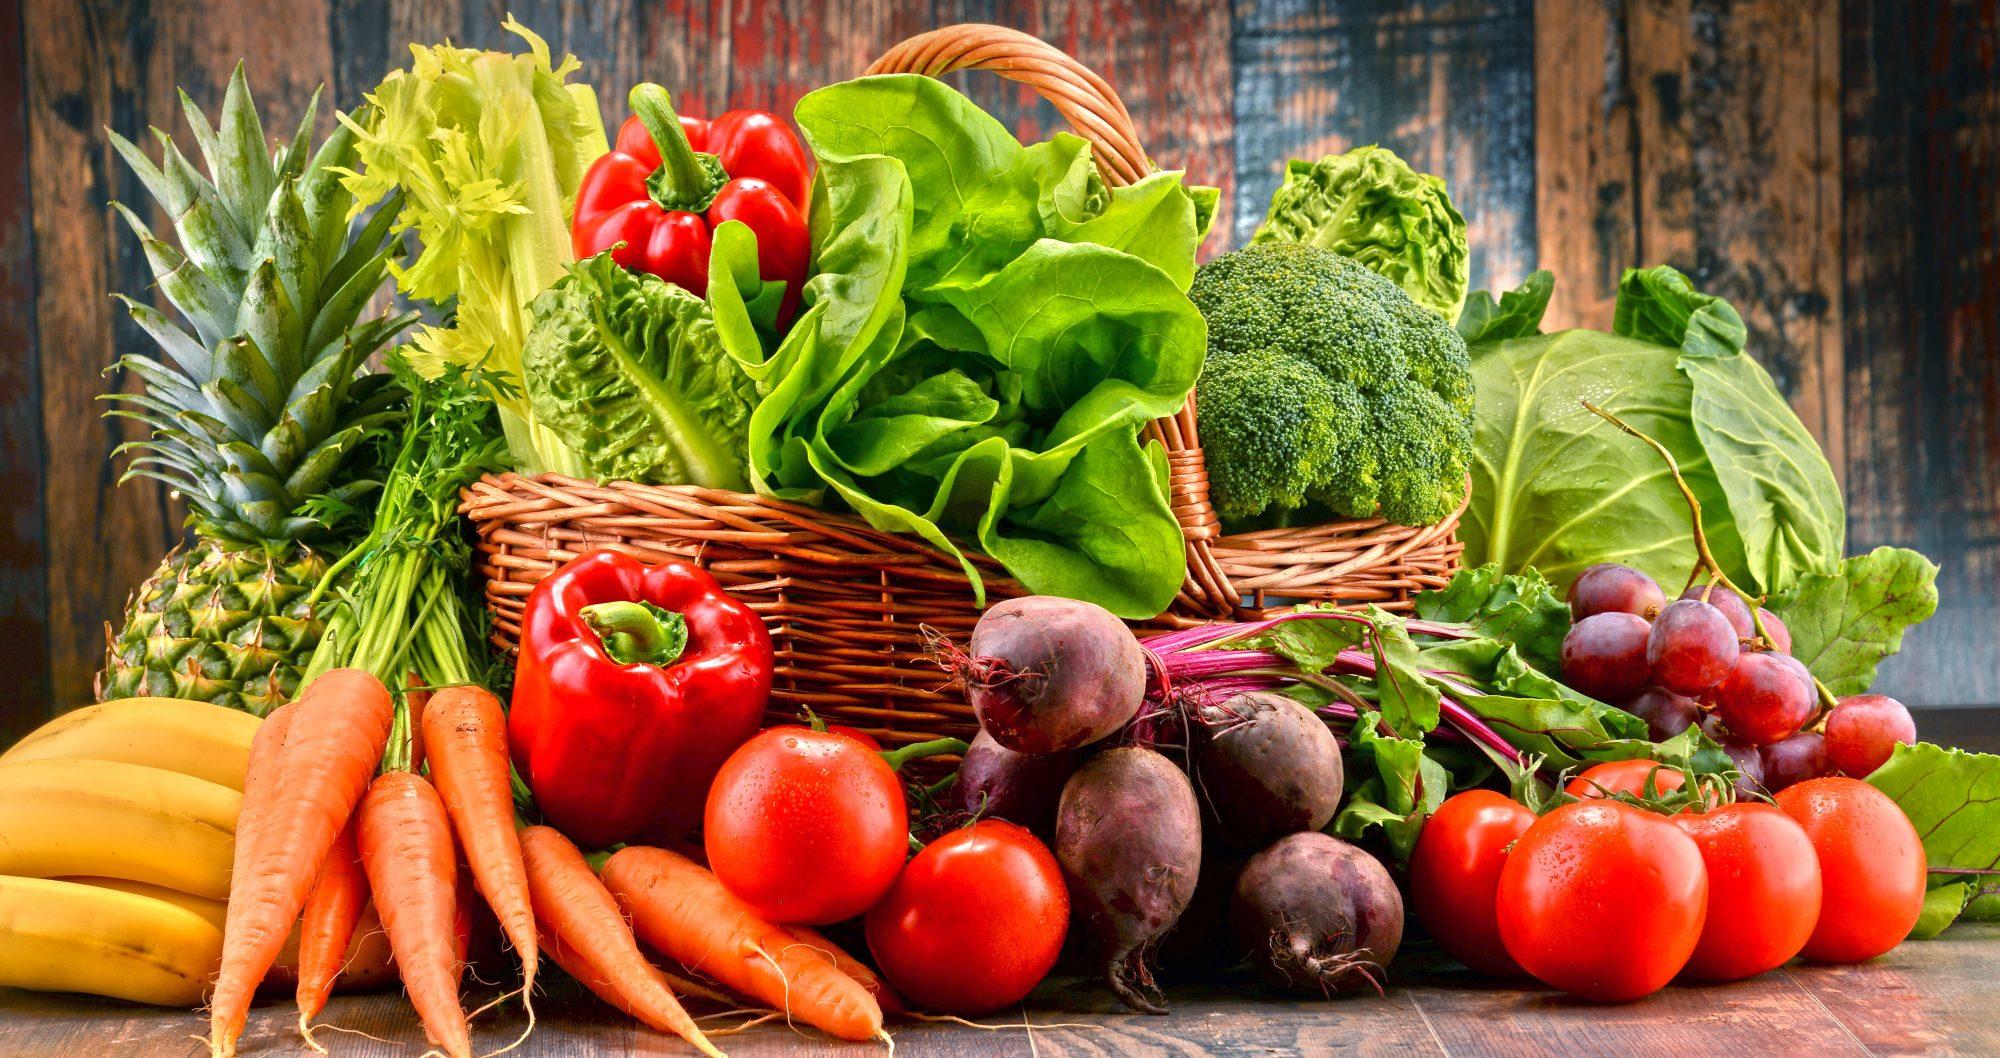 Lebensmittel-Lieferservices im Test: Online-Supermärkte im